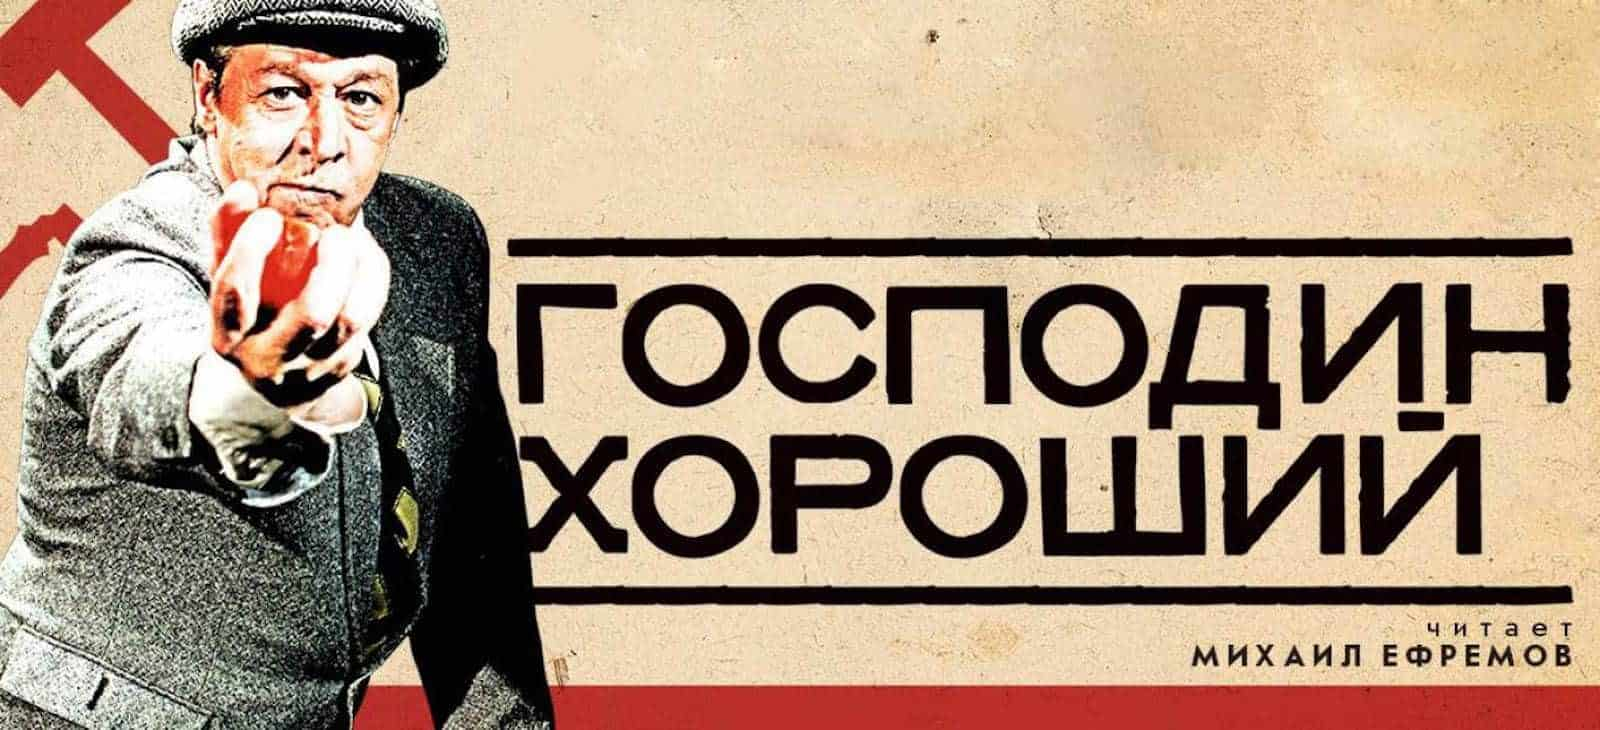 Концерт «Господин хороший – «Вопросы есть?!» в Москве в 2019 году